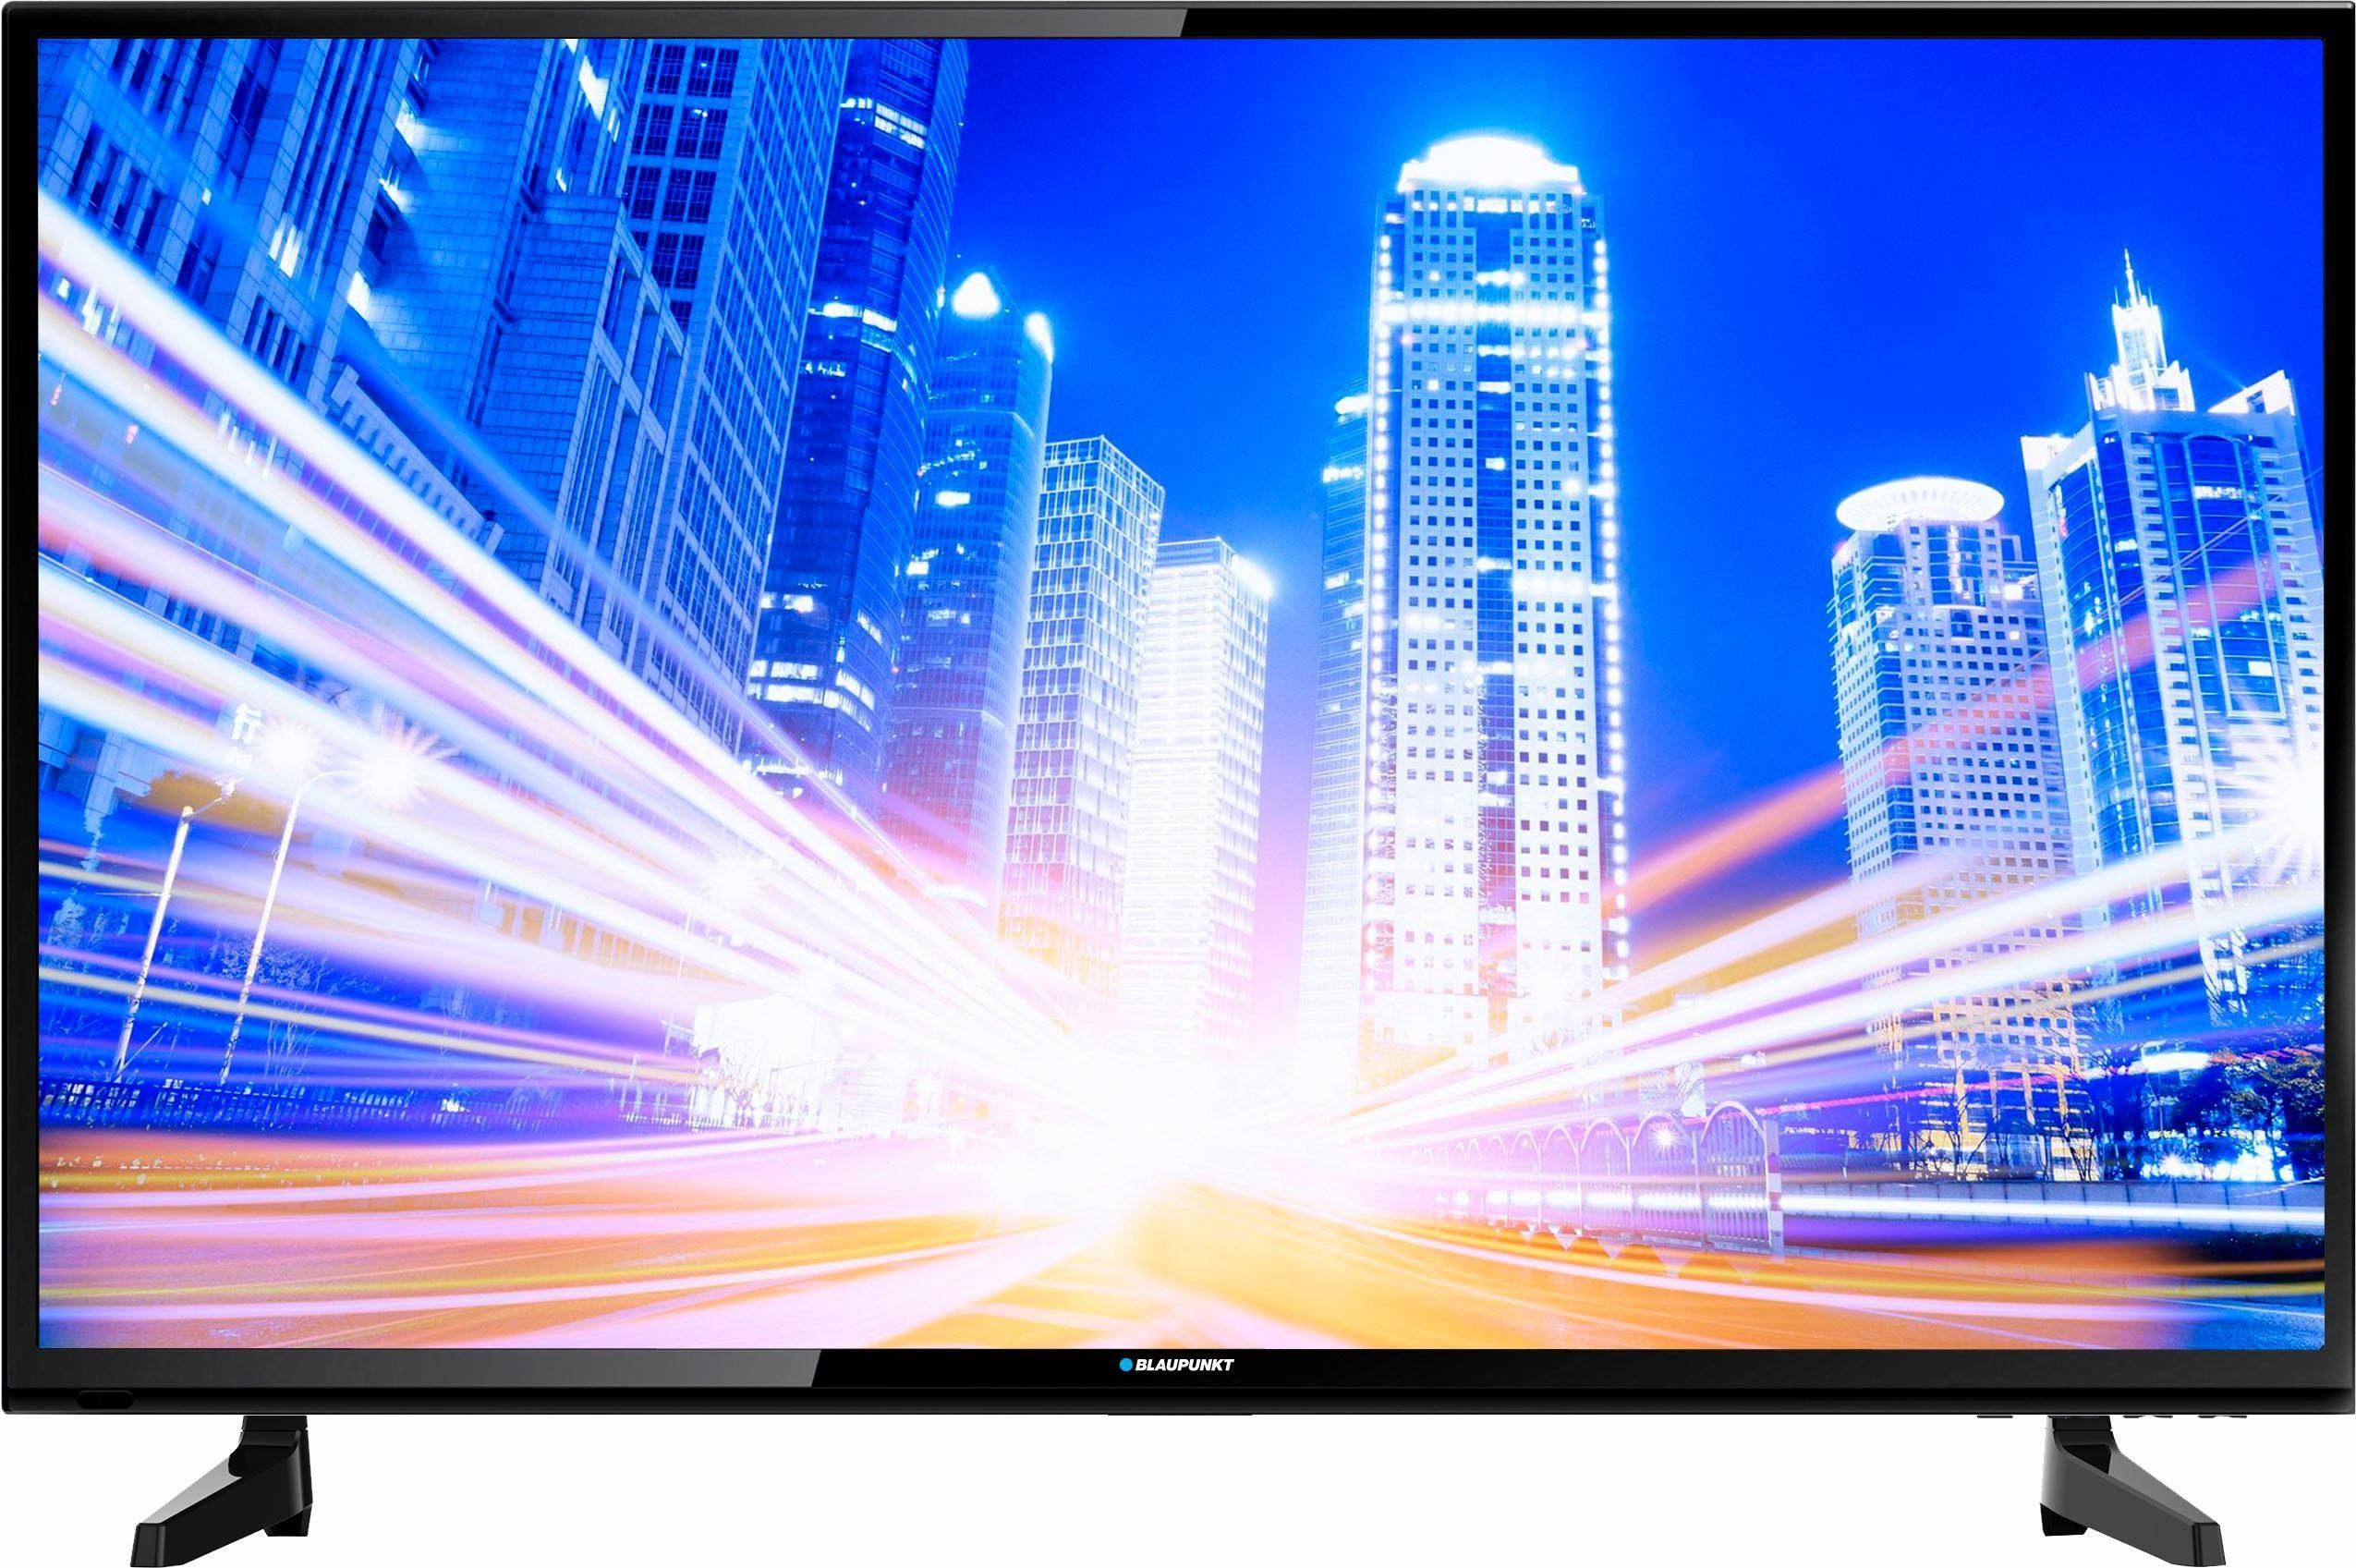 Blaupunkt B32O138T2CSHD LED-Fernseher (81 cm/32 Zoll, HD, JBL-Soundsystem)